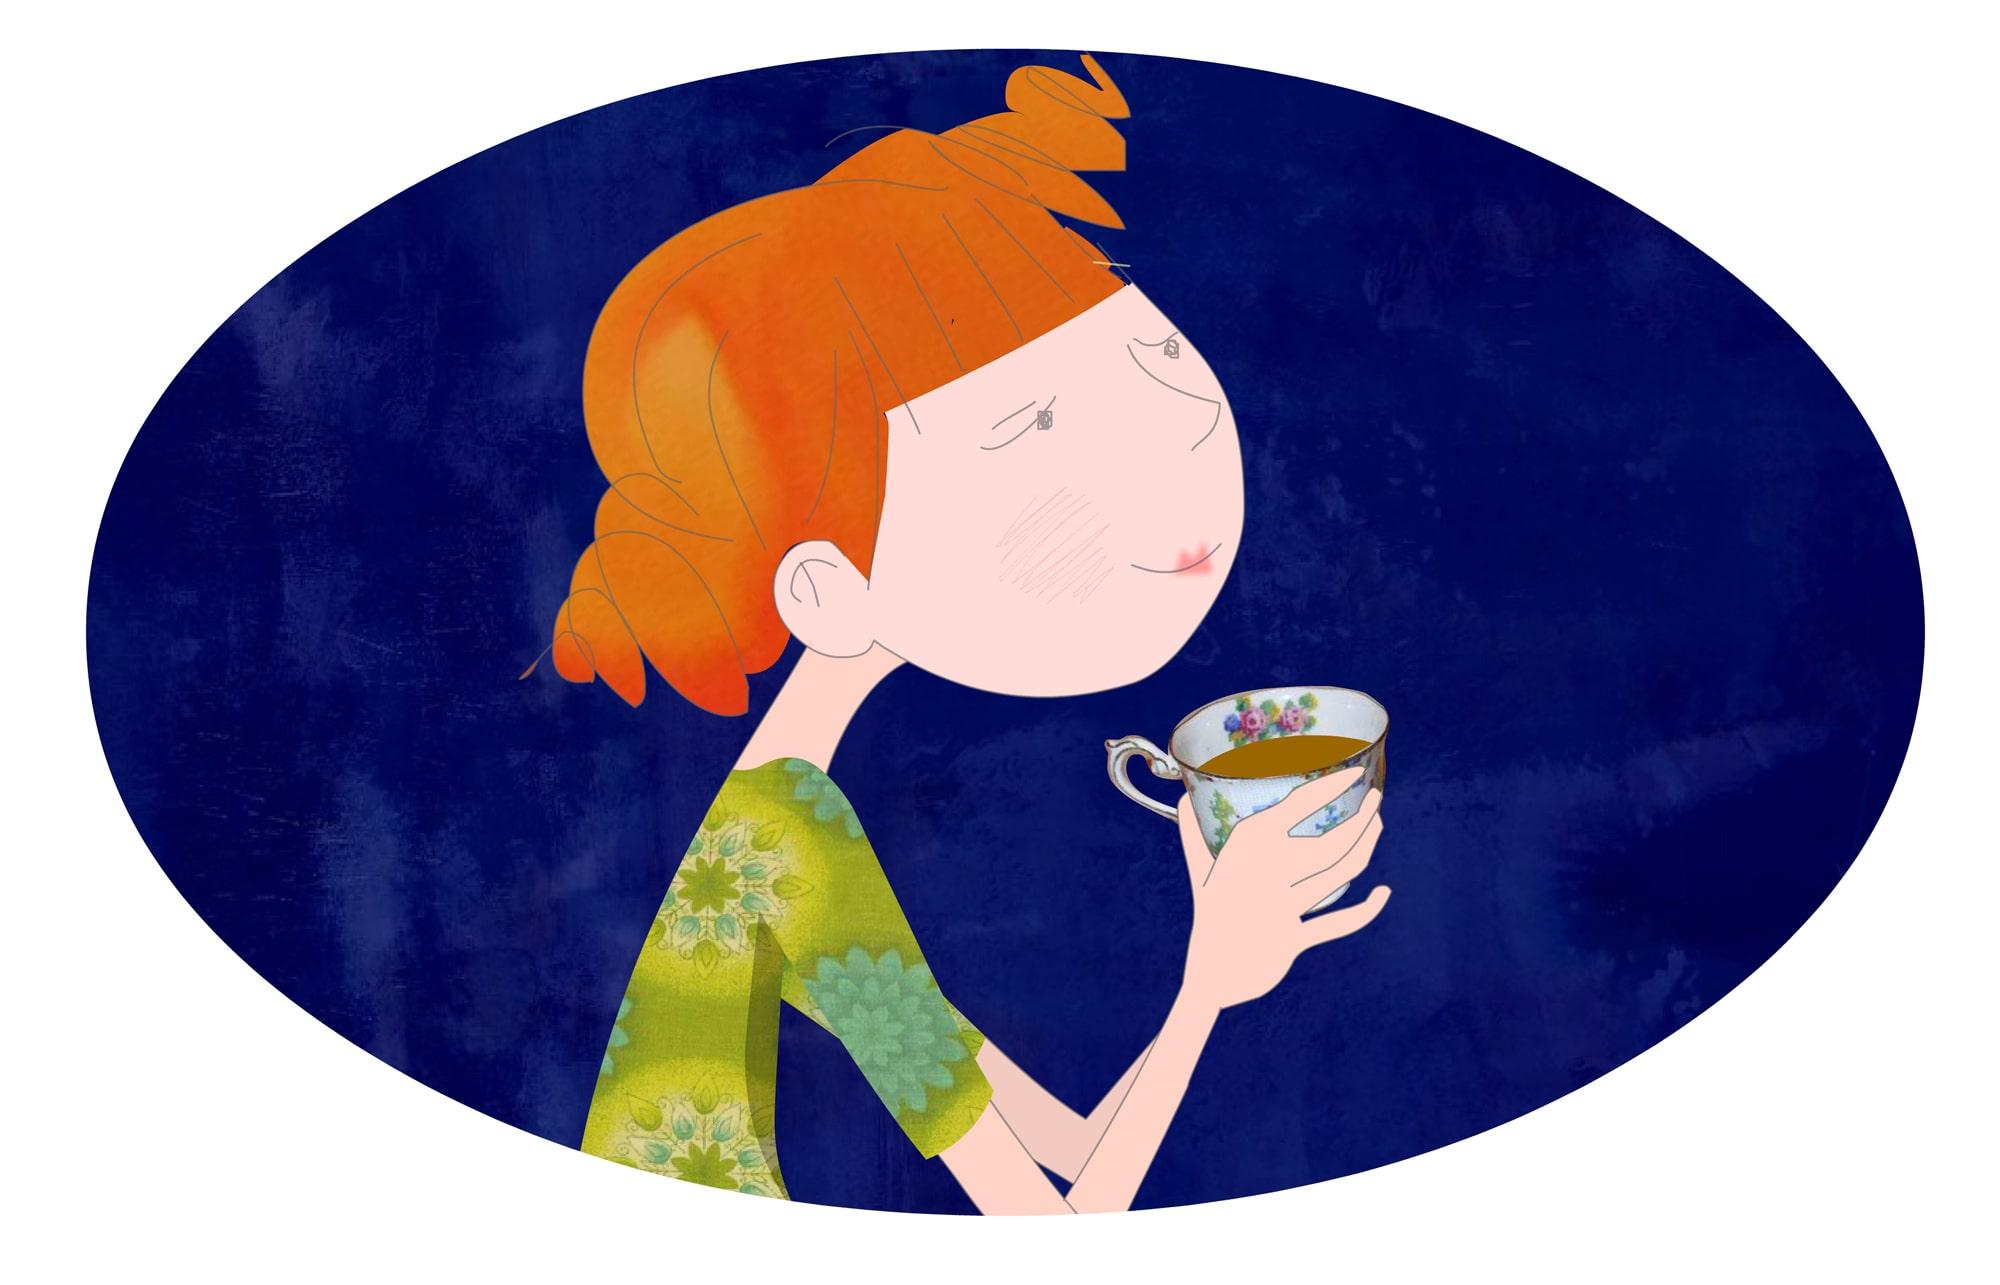 Girl drinking tea - Illustration - Luella Jane